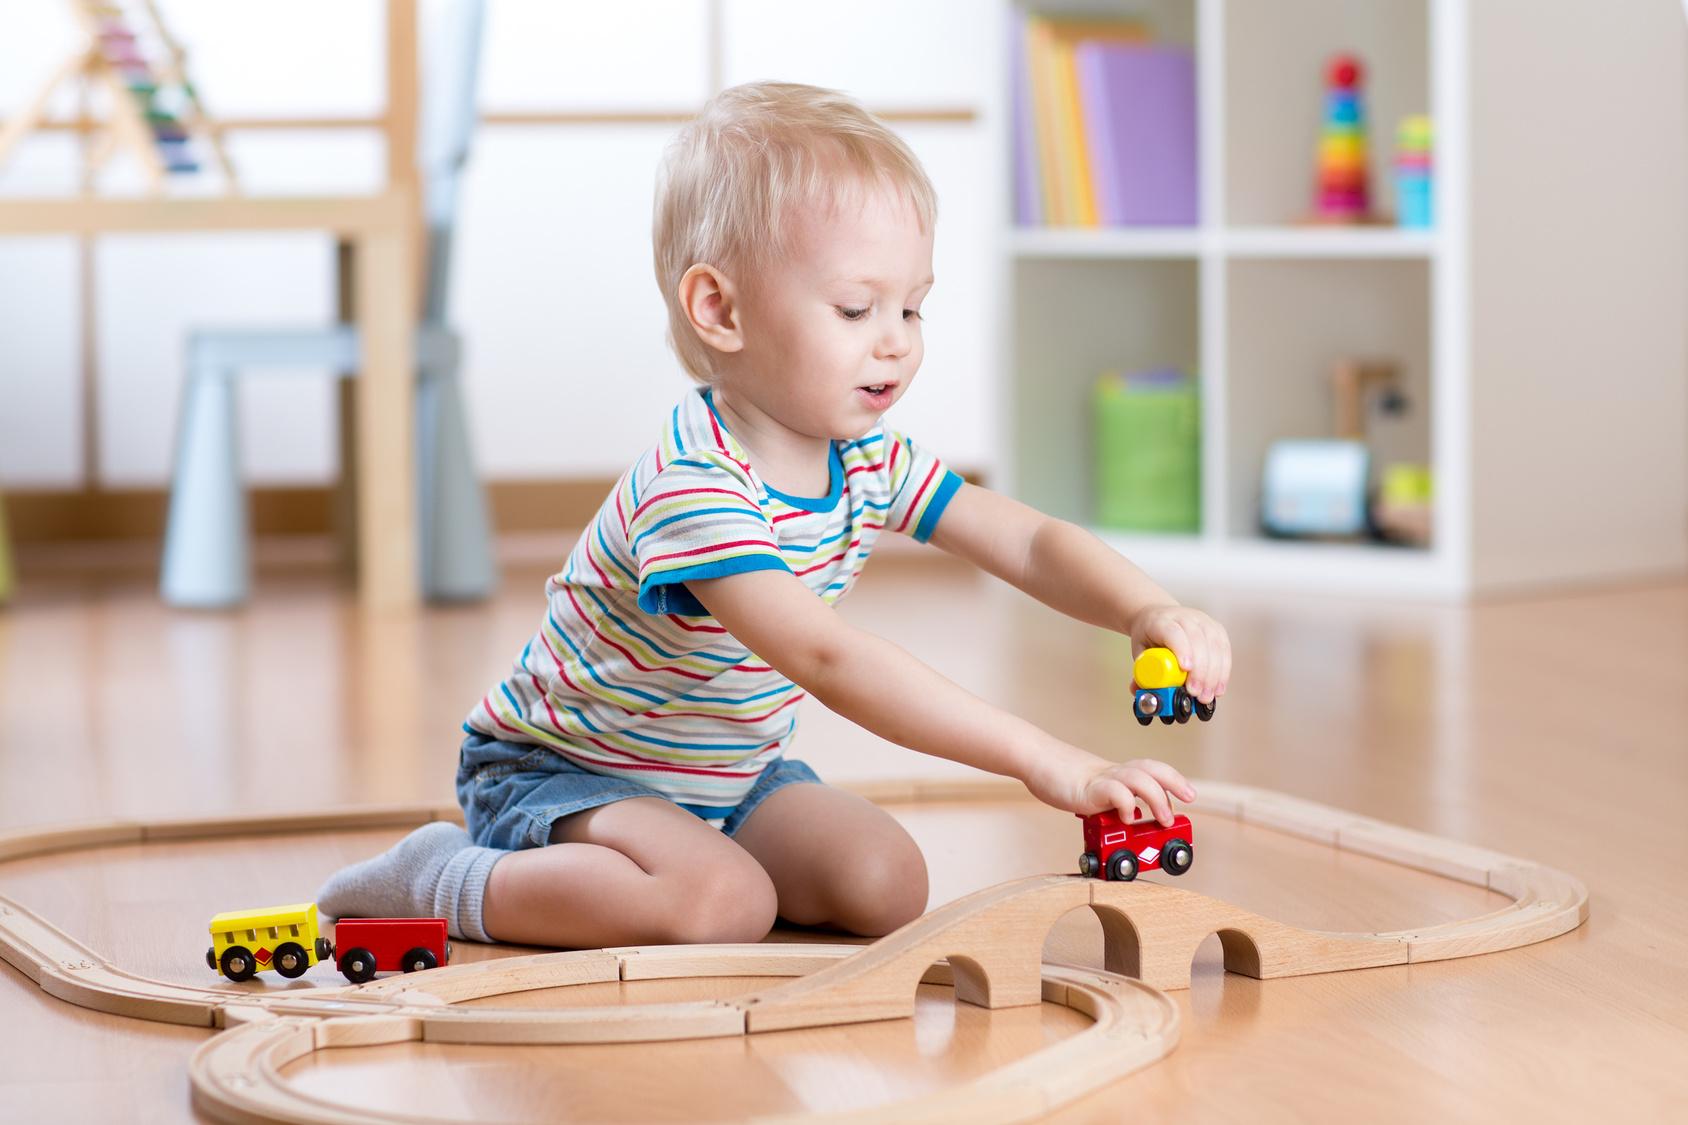 Zabawki edukacyjne – przekonamy Cię do tego rozwiązania [3 propozycje]